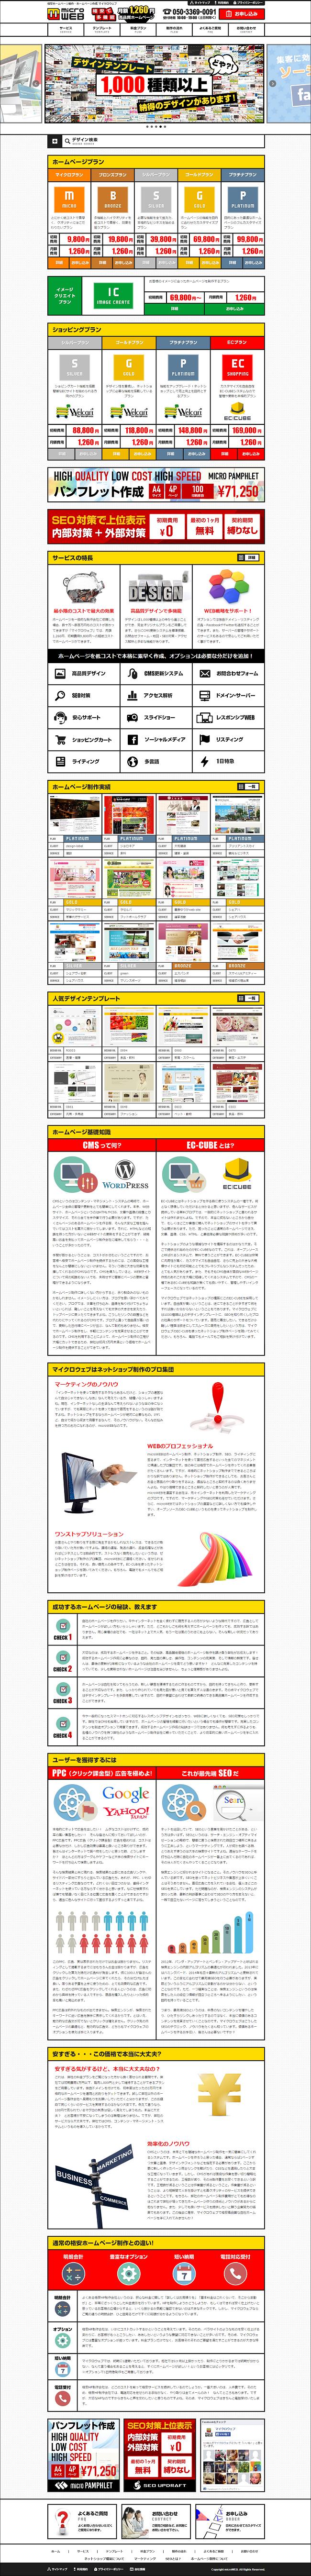 デザインテンプレート1000種類以上の格安ホームページ制作【micro WEB(マイクロウェブ)】をアフィリエイトできるASPは「A8.net」